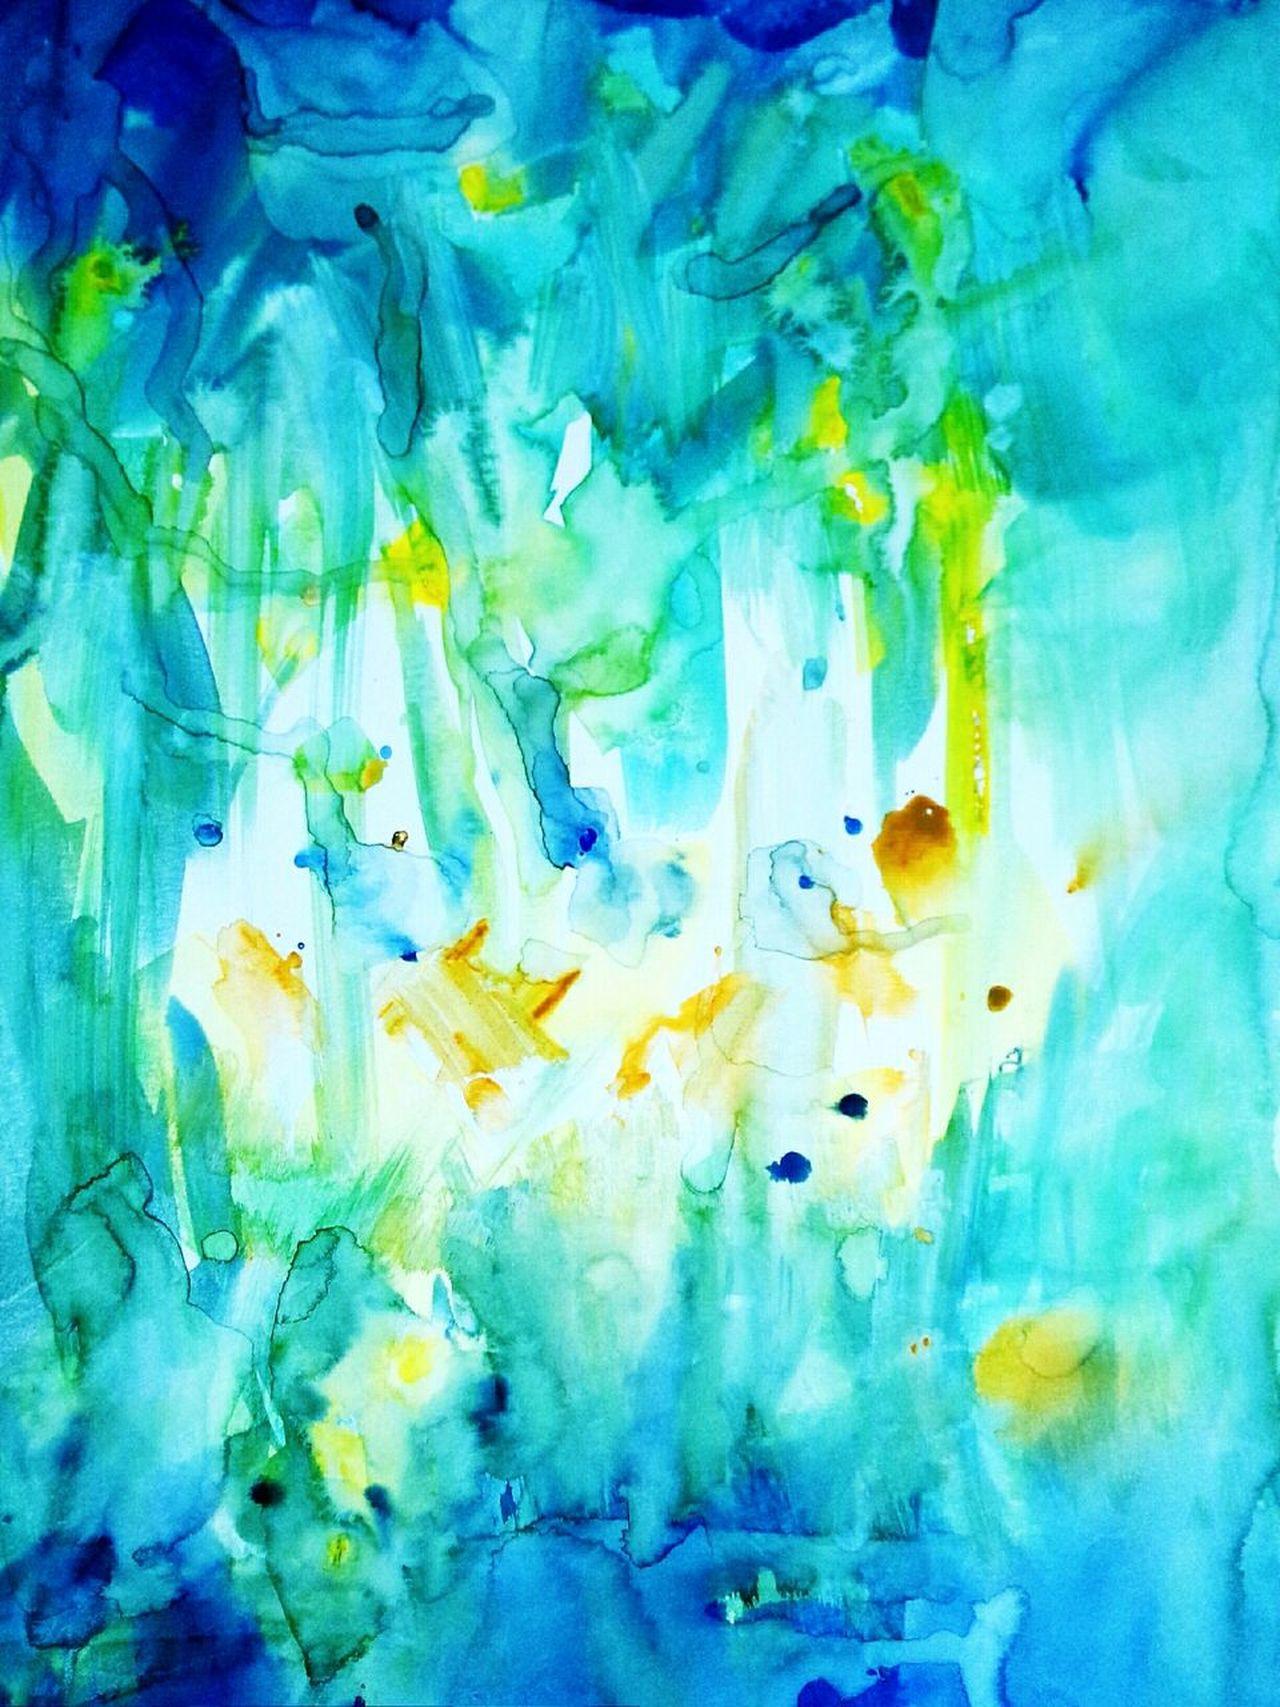 我的画 Art, Drawing, Creativity Abstract Art 湖北武汉 China My Draw ♥